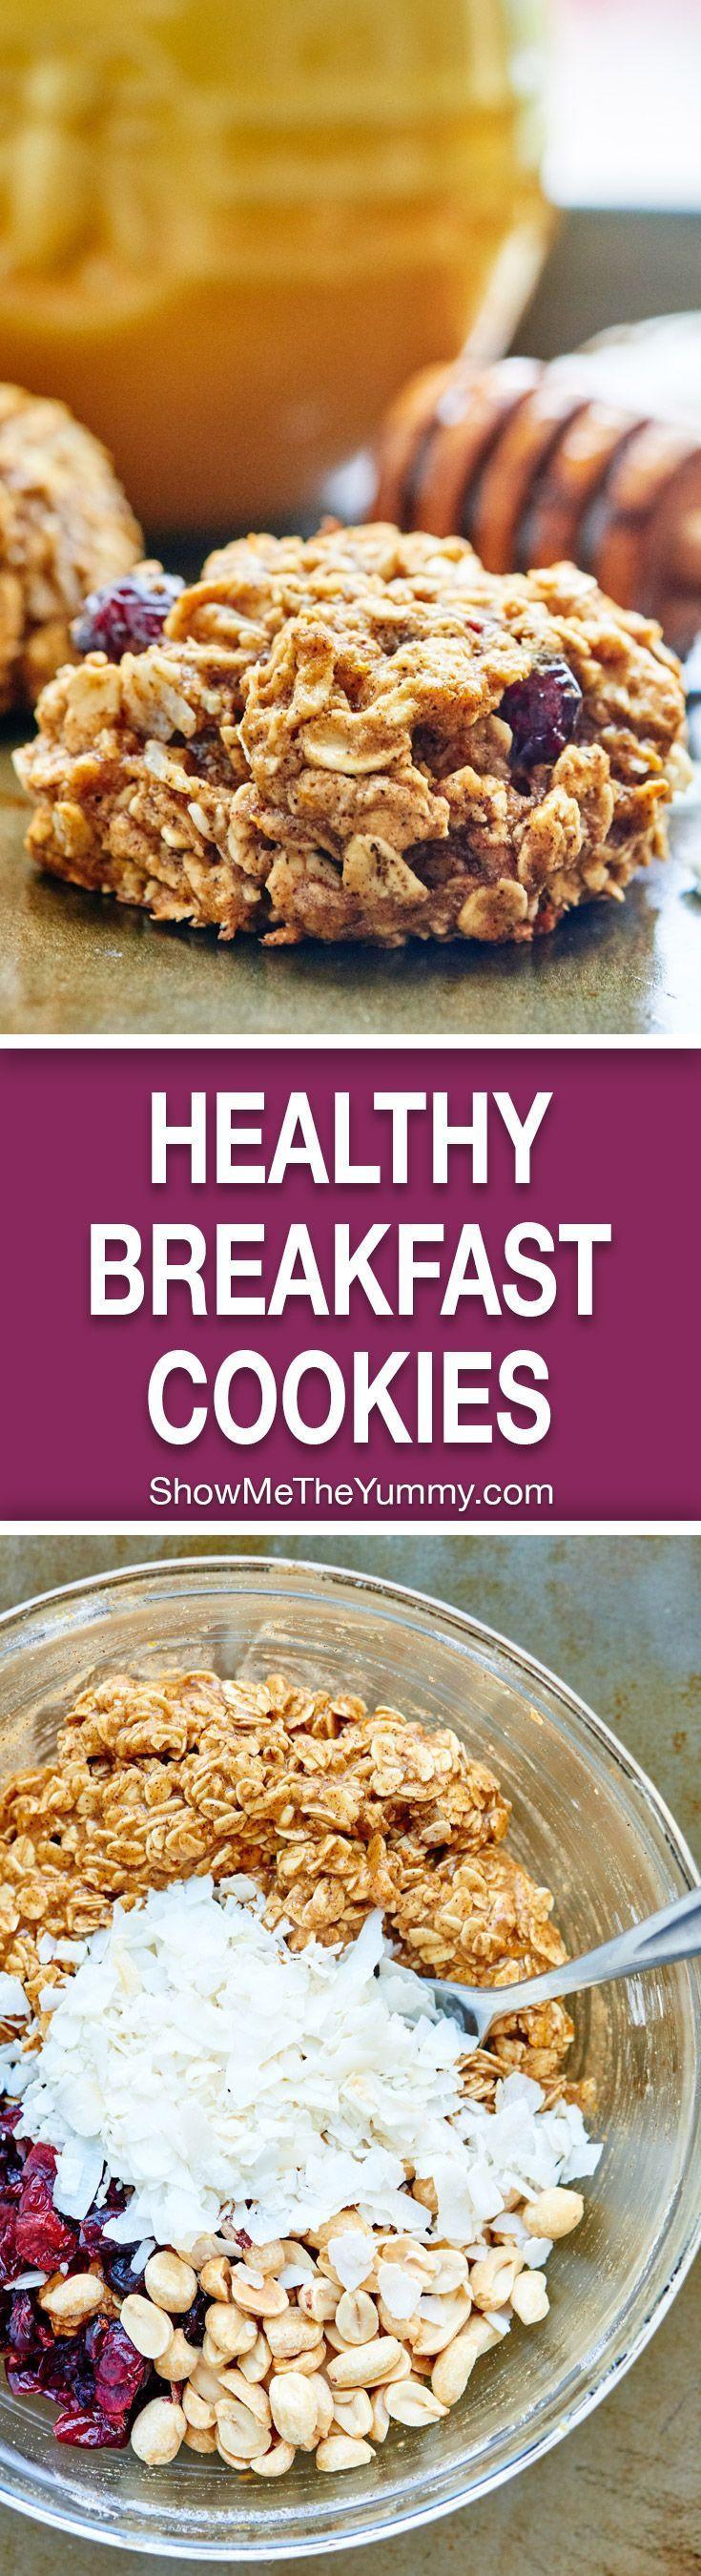 Healthy Breakfast Cookie Recipes  Healthy Breakfast Cookies Recipe